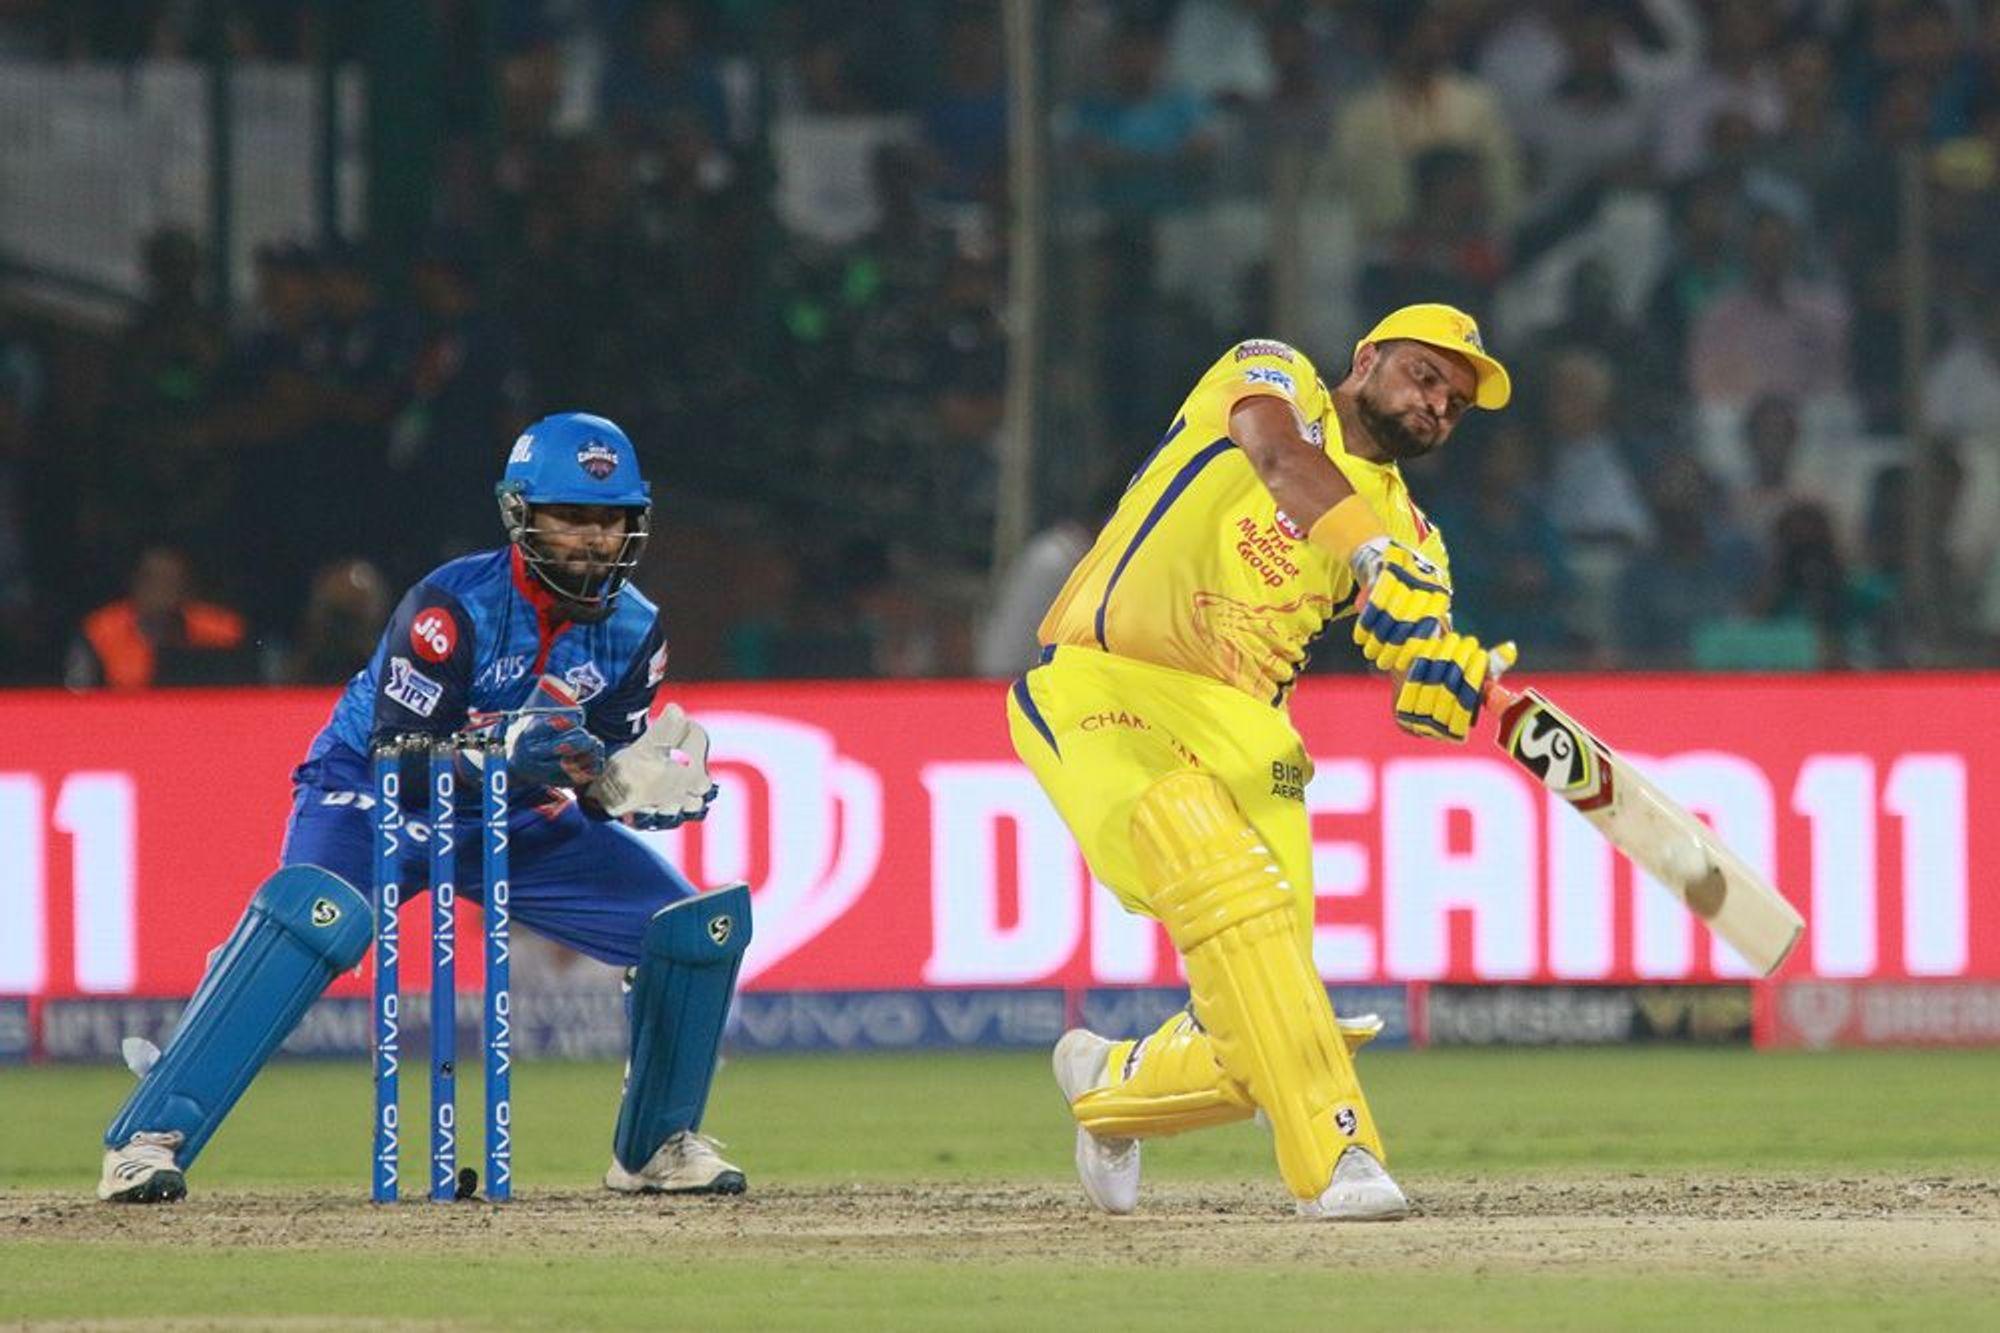 आईपीएल में 5000 रन बनाने वाले एकमात्र खिलाड़ी चेन्नई सुपर किंग्स के सुरेश रैना हैं. उन्होंने 178 मैचों में 5034 रन बनाए हैं.